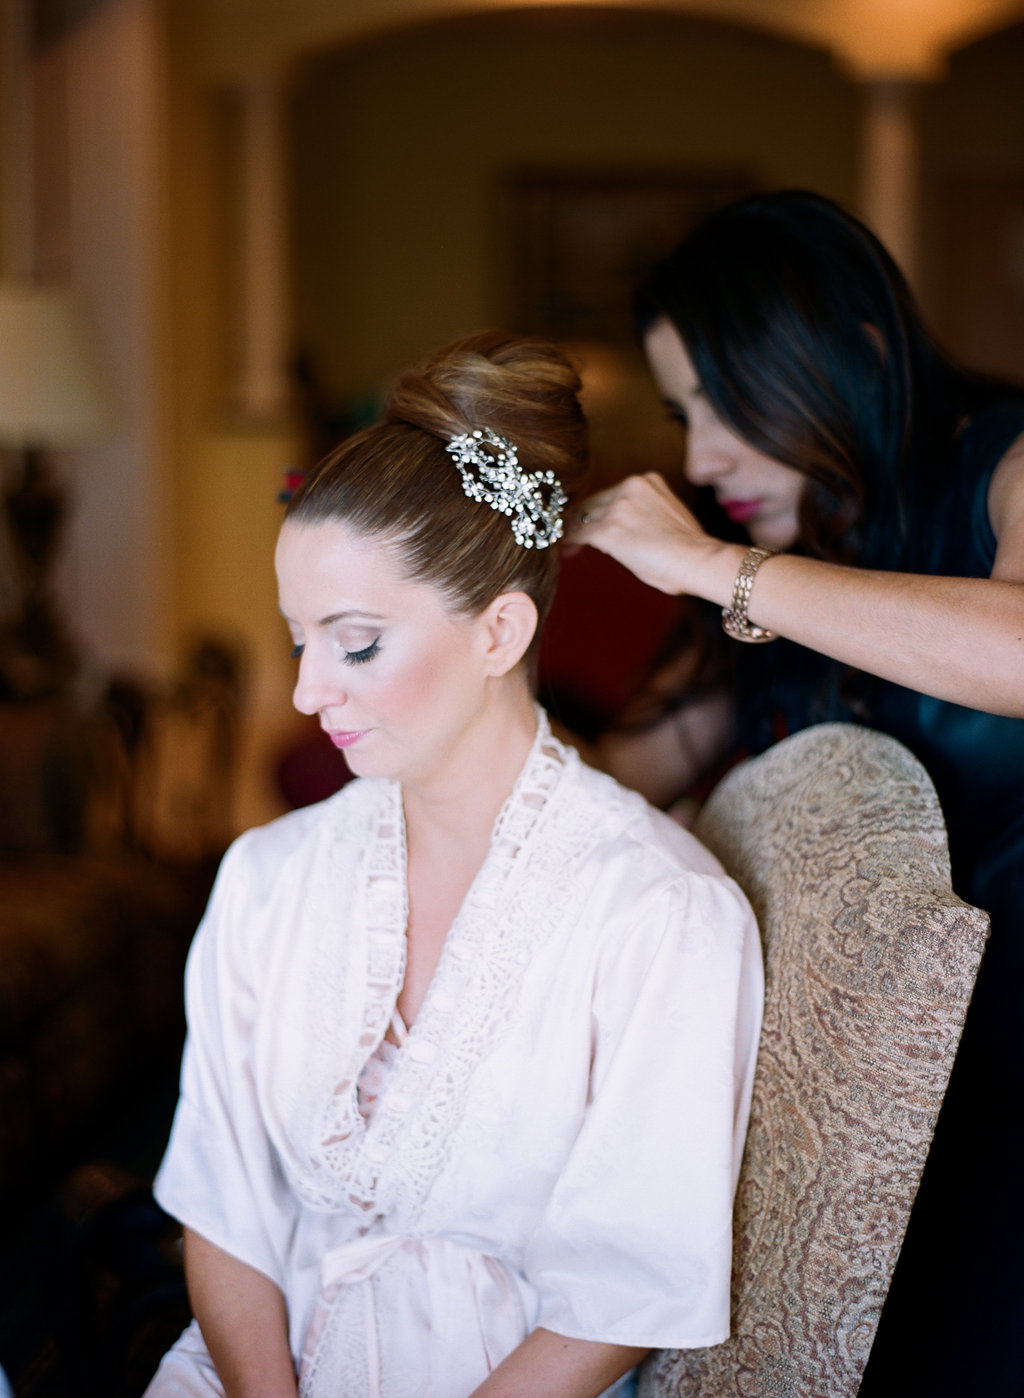 Bride sitting getting her bridal high bun styled